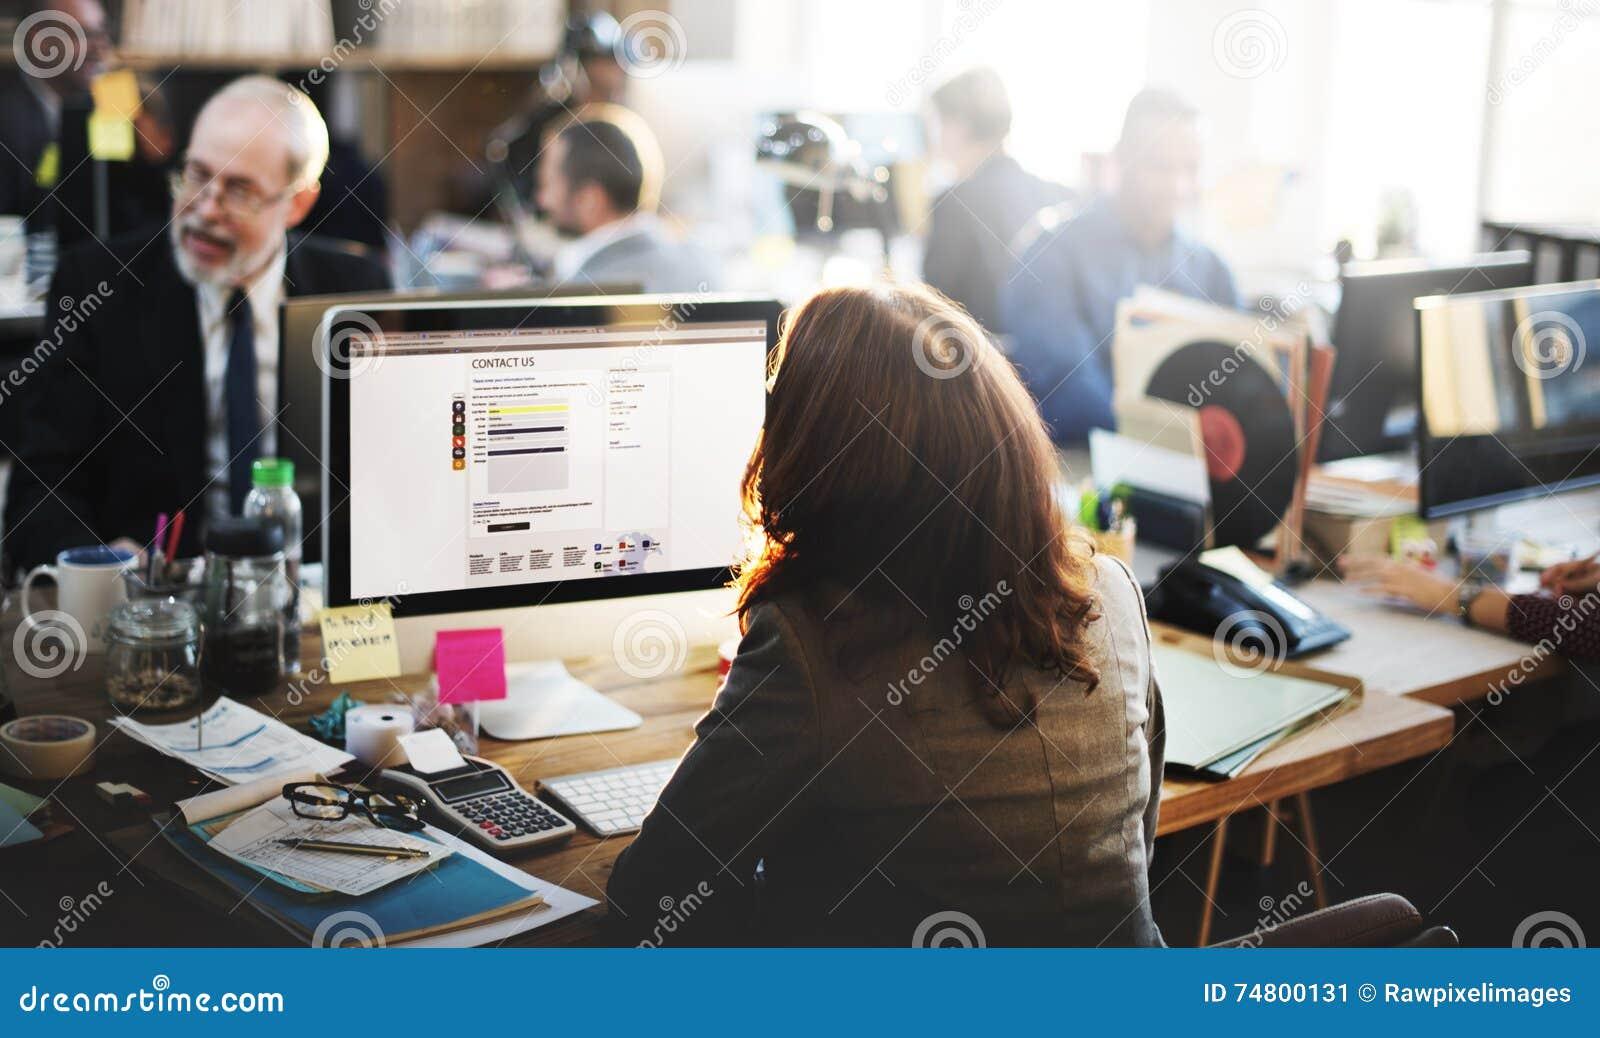 Υποστήριξης σε απευθείας σύνδεση επικοινωνία Con γραφείων εξυπηρέτησης πελατών λειτουργώντας